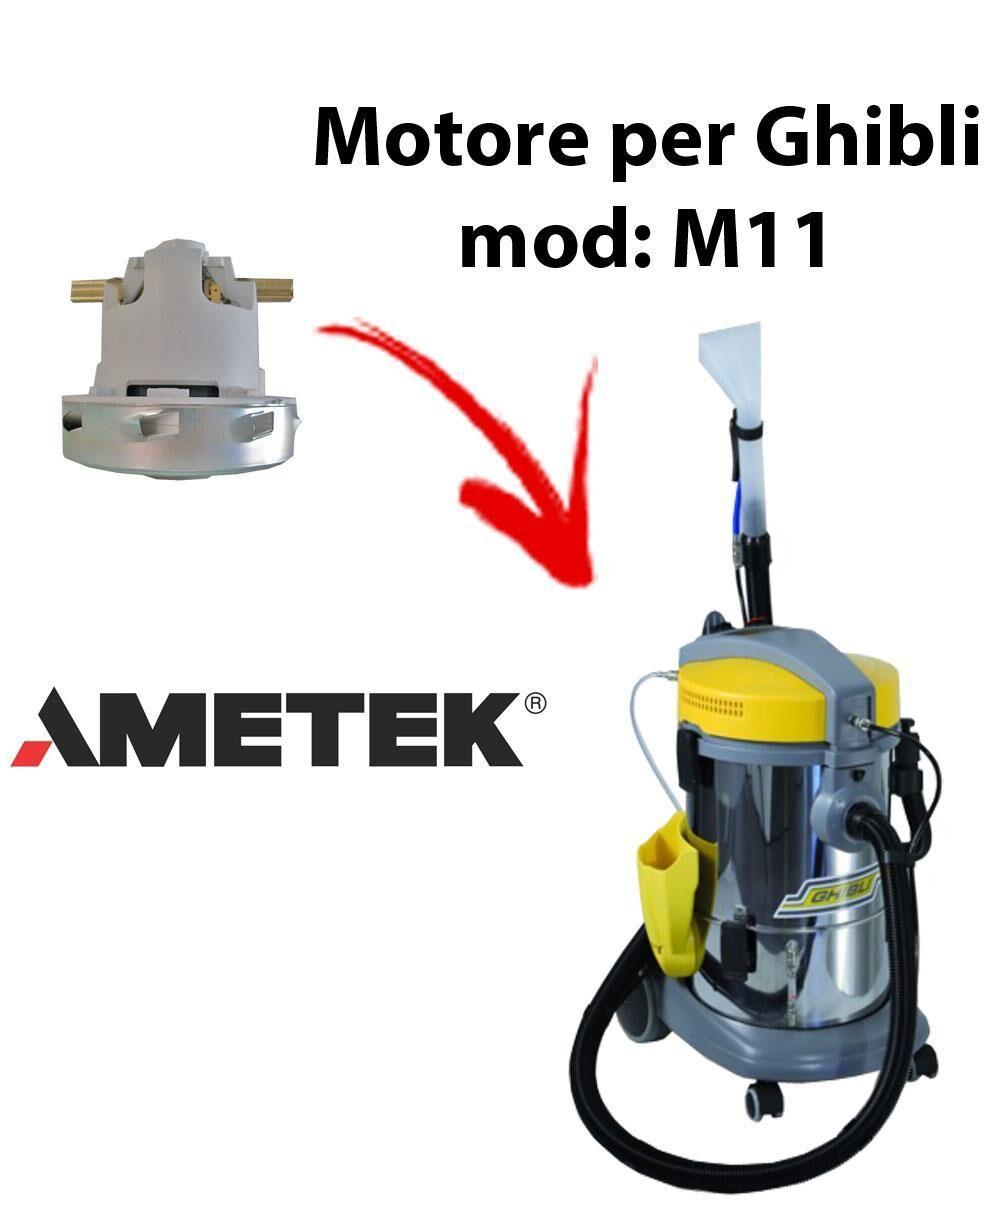 Ghibli & Wirbel Motore Ametek di aspirazione per Aspirapolvere GHIBLI modello M11